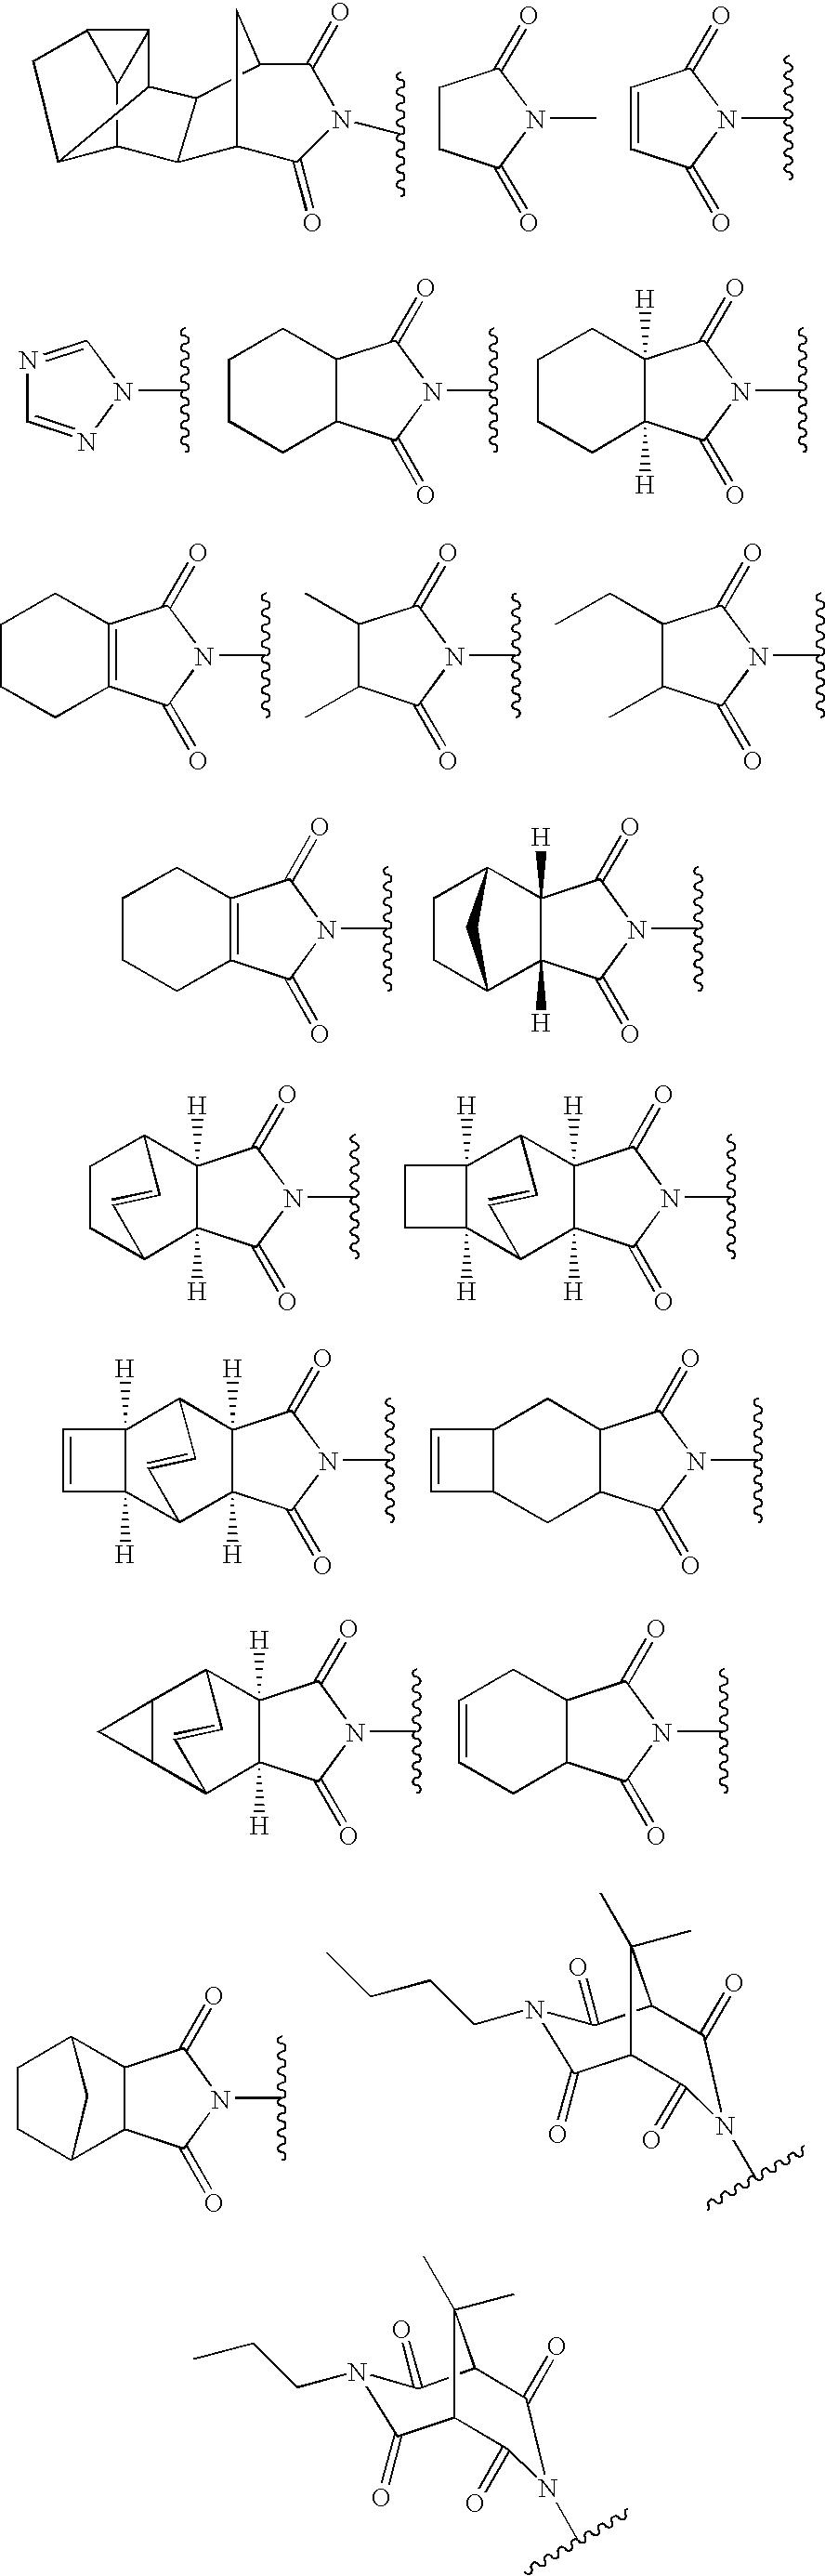 Figure US20100009983A1-20100114-C00145